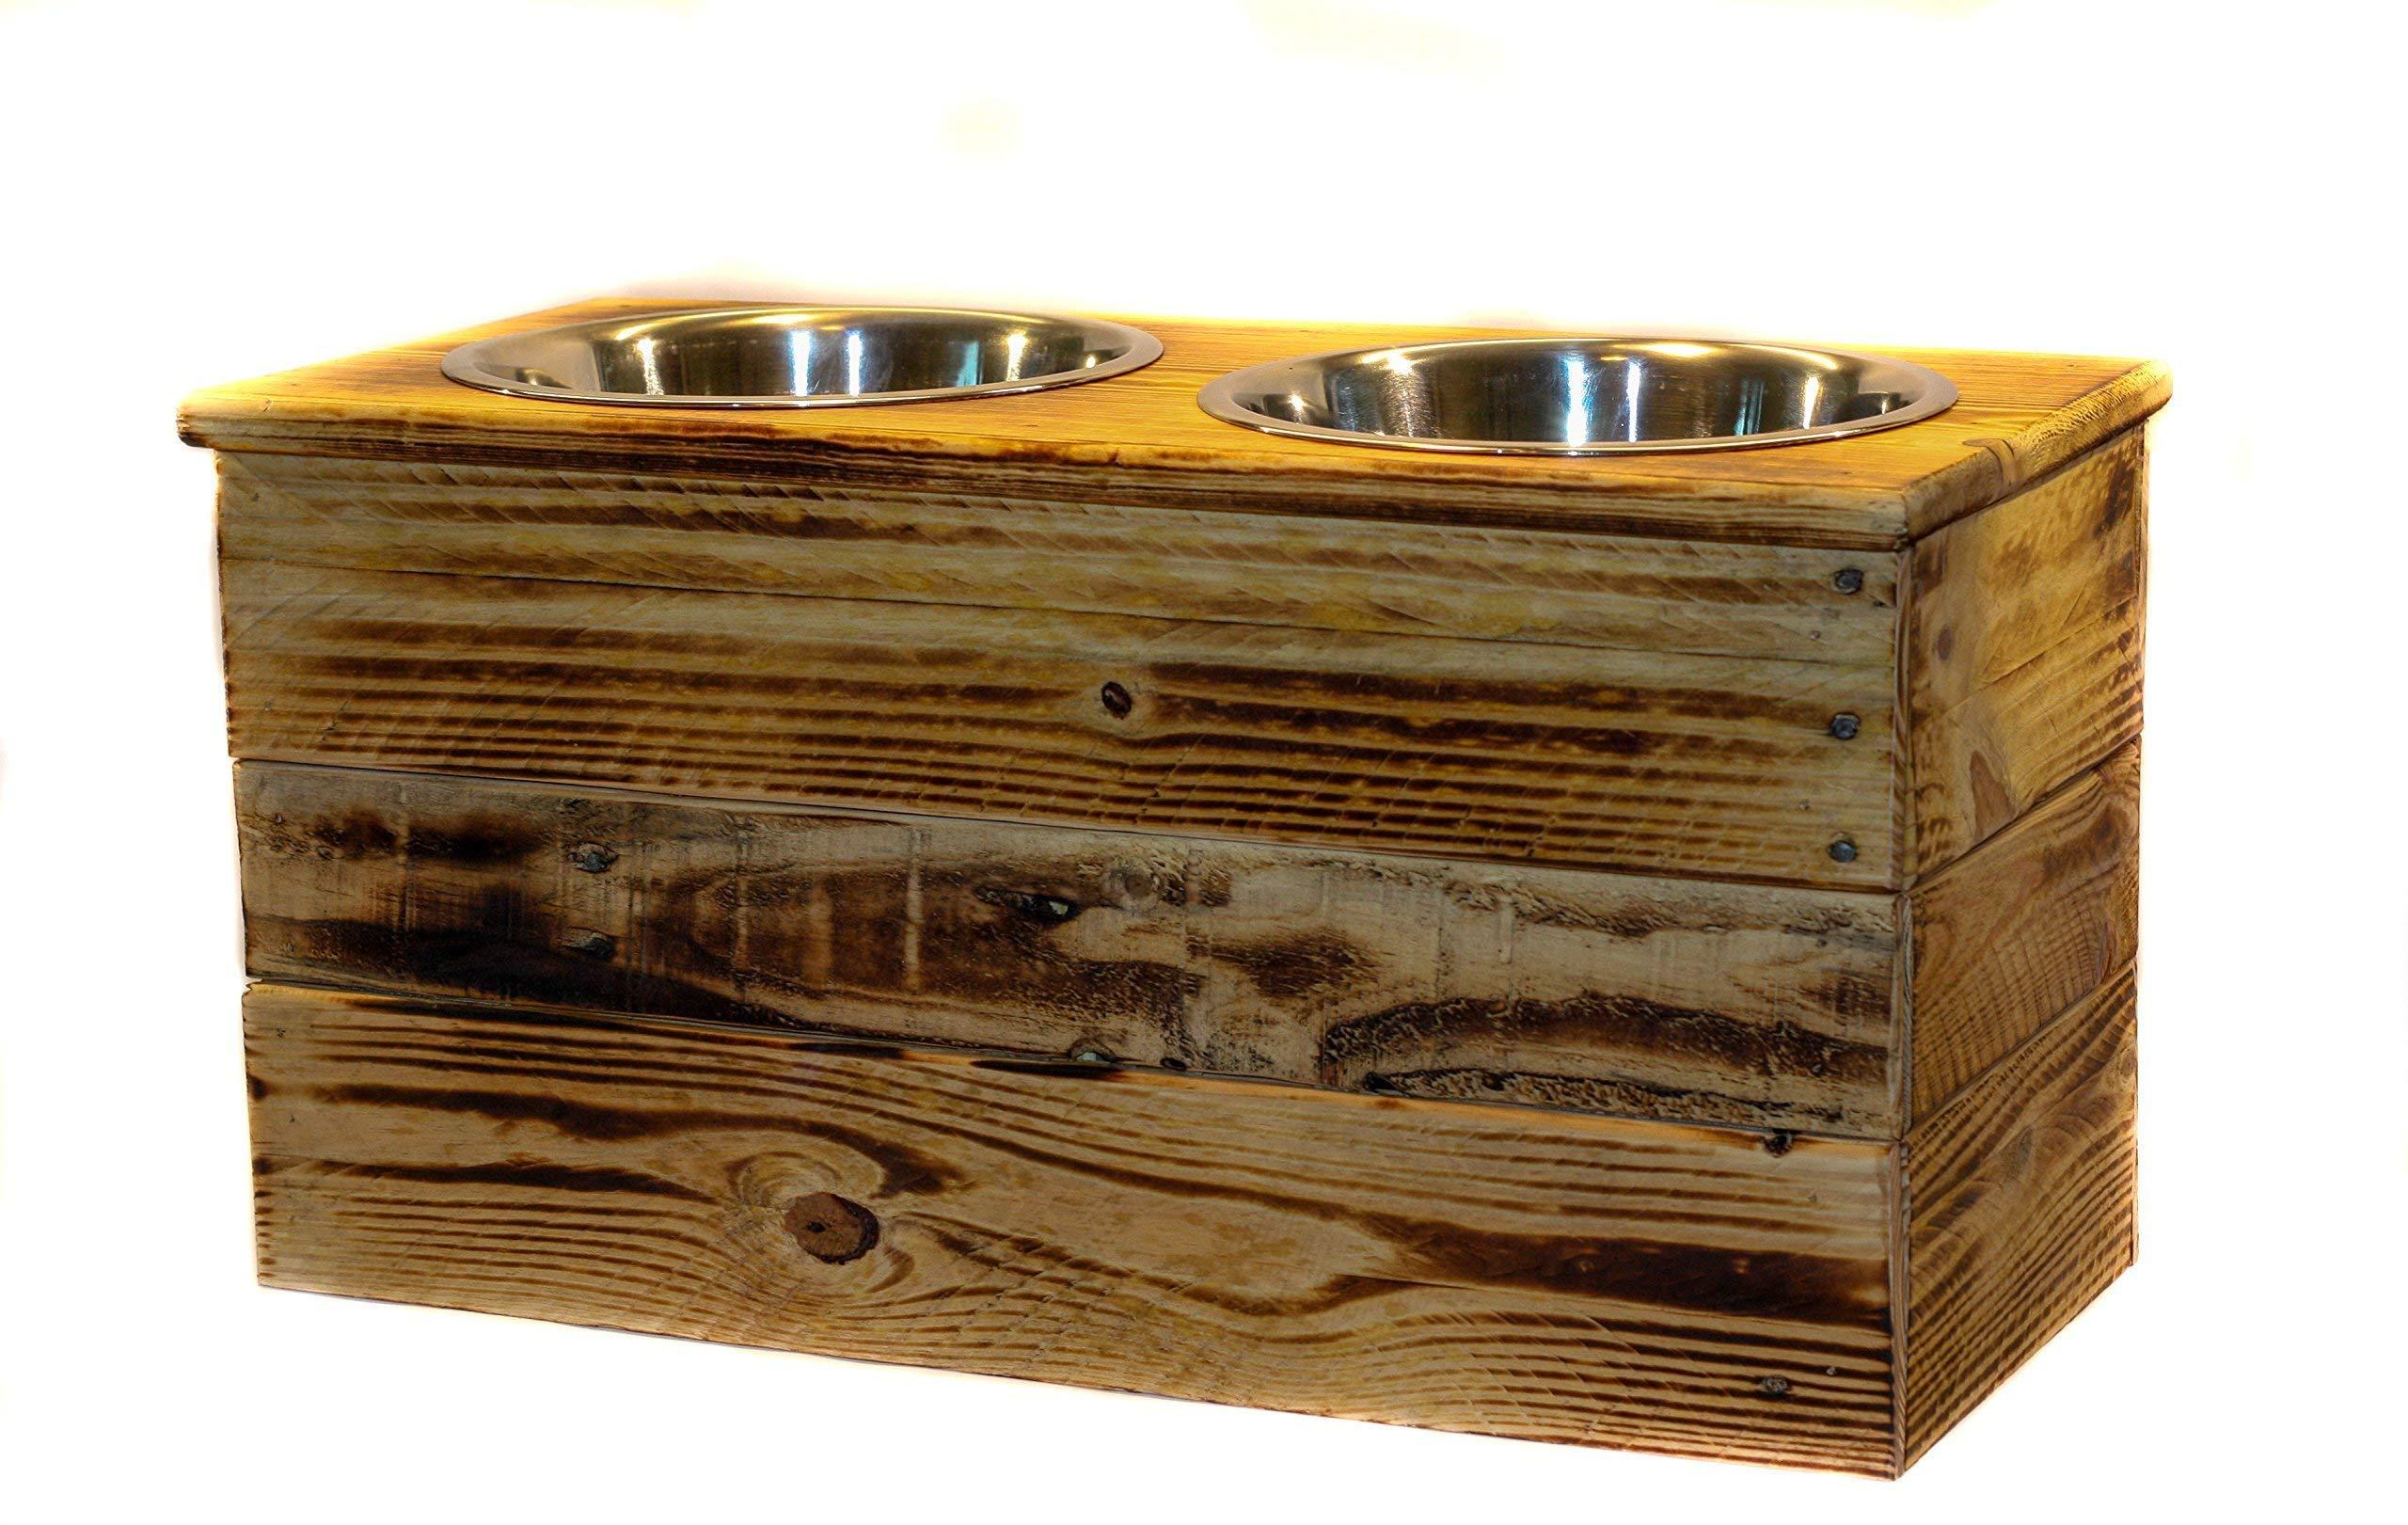 Double Extra Large Elevated Dog Dish // Extra Large 2 Bowl Feeding Stand // Dog Dish // Elevated Dog Bowl by 6 Dogs Decor (Image #1)